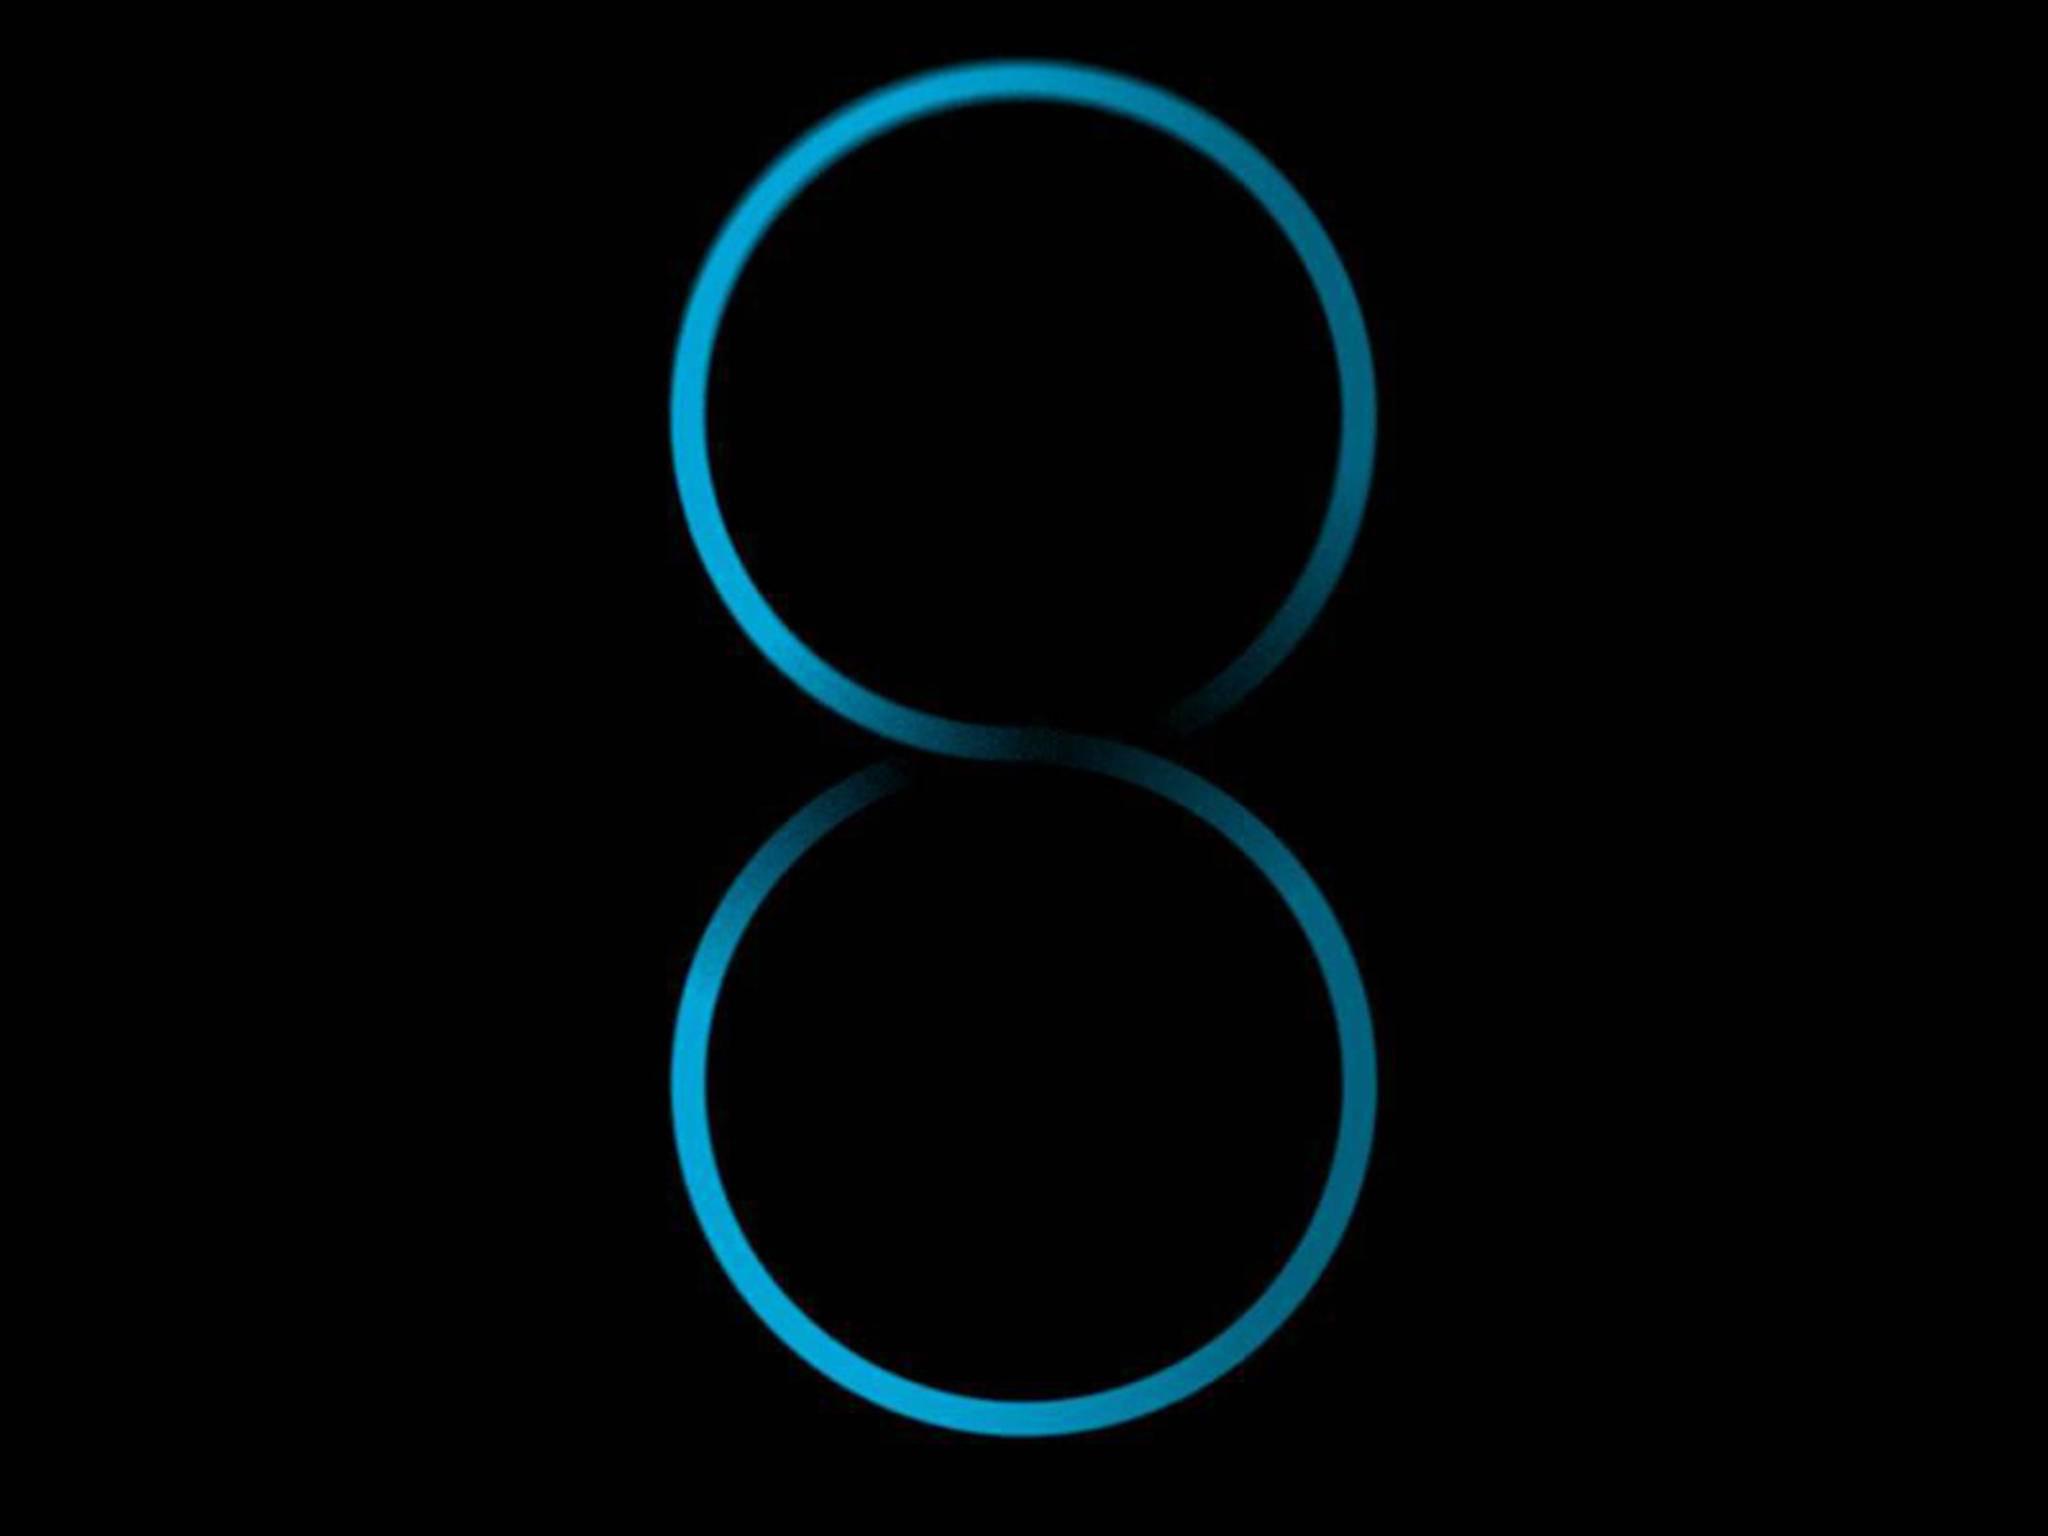 Das Galaxy S8 könnte dank neuen ARM-Chips viel leistungsfähiger werden als das S7.